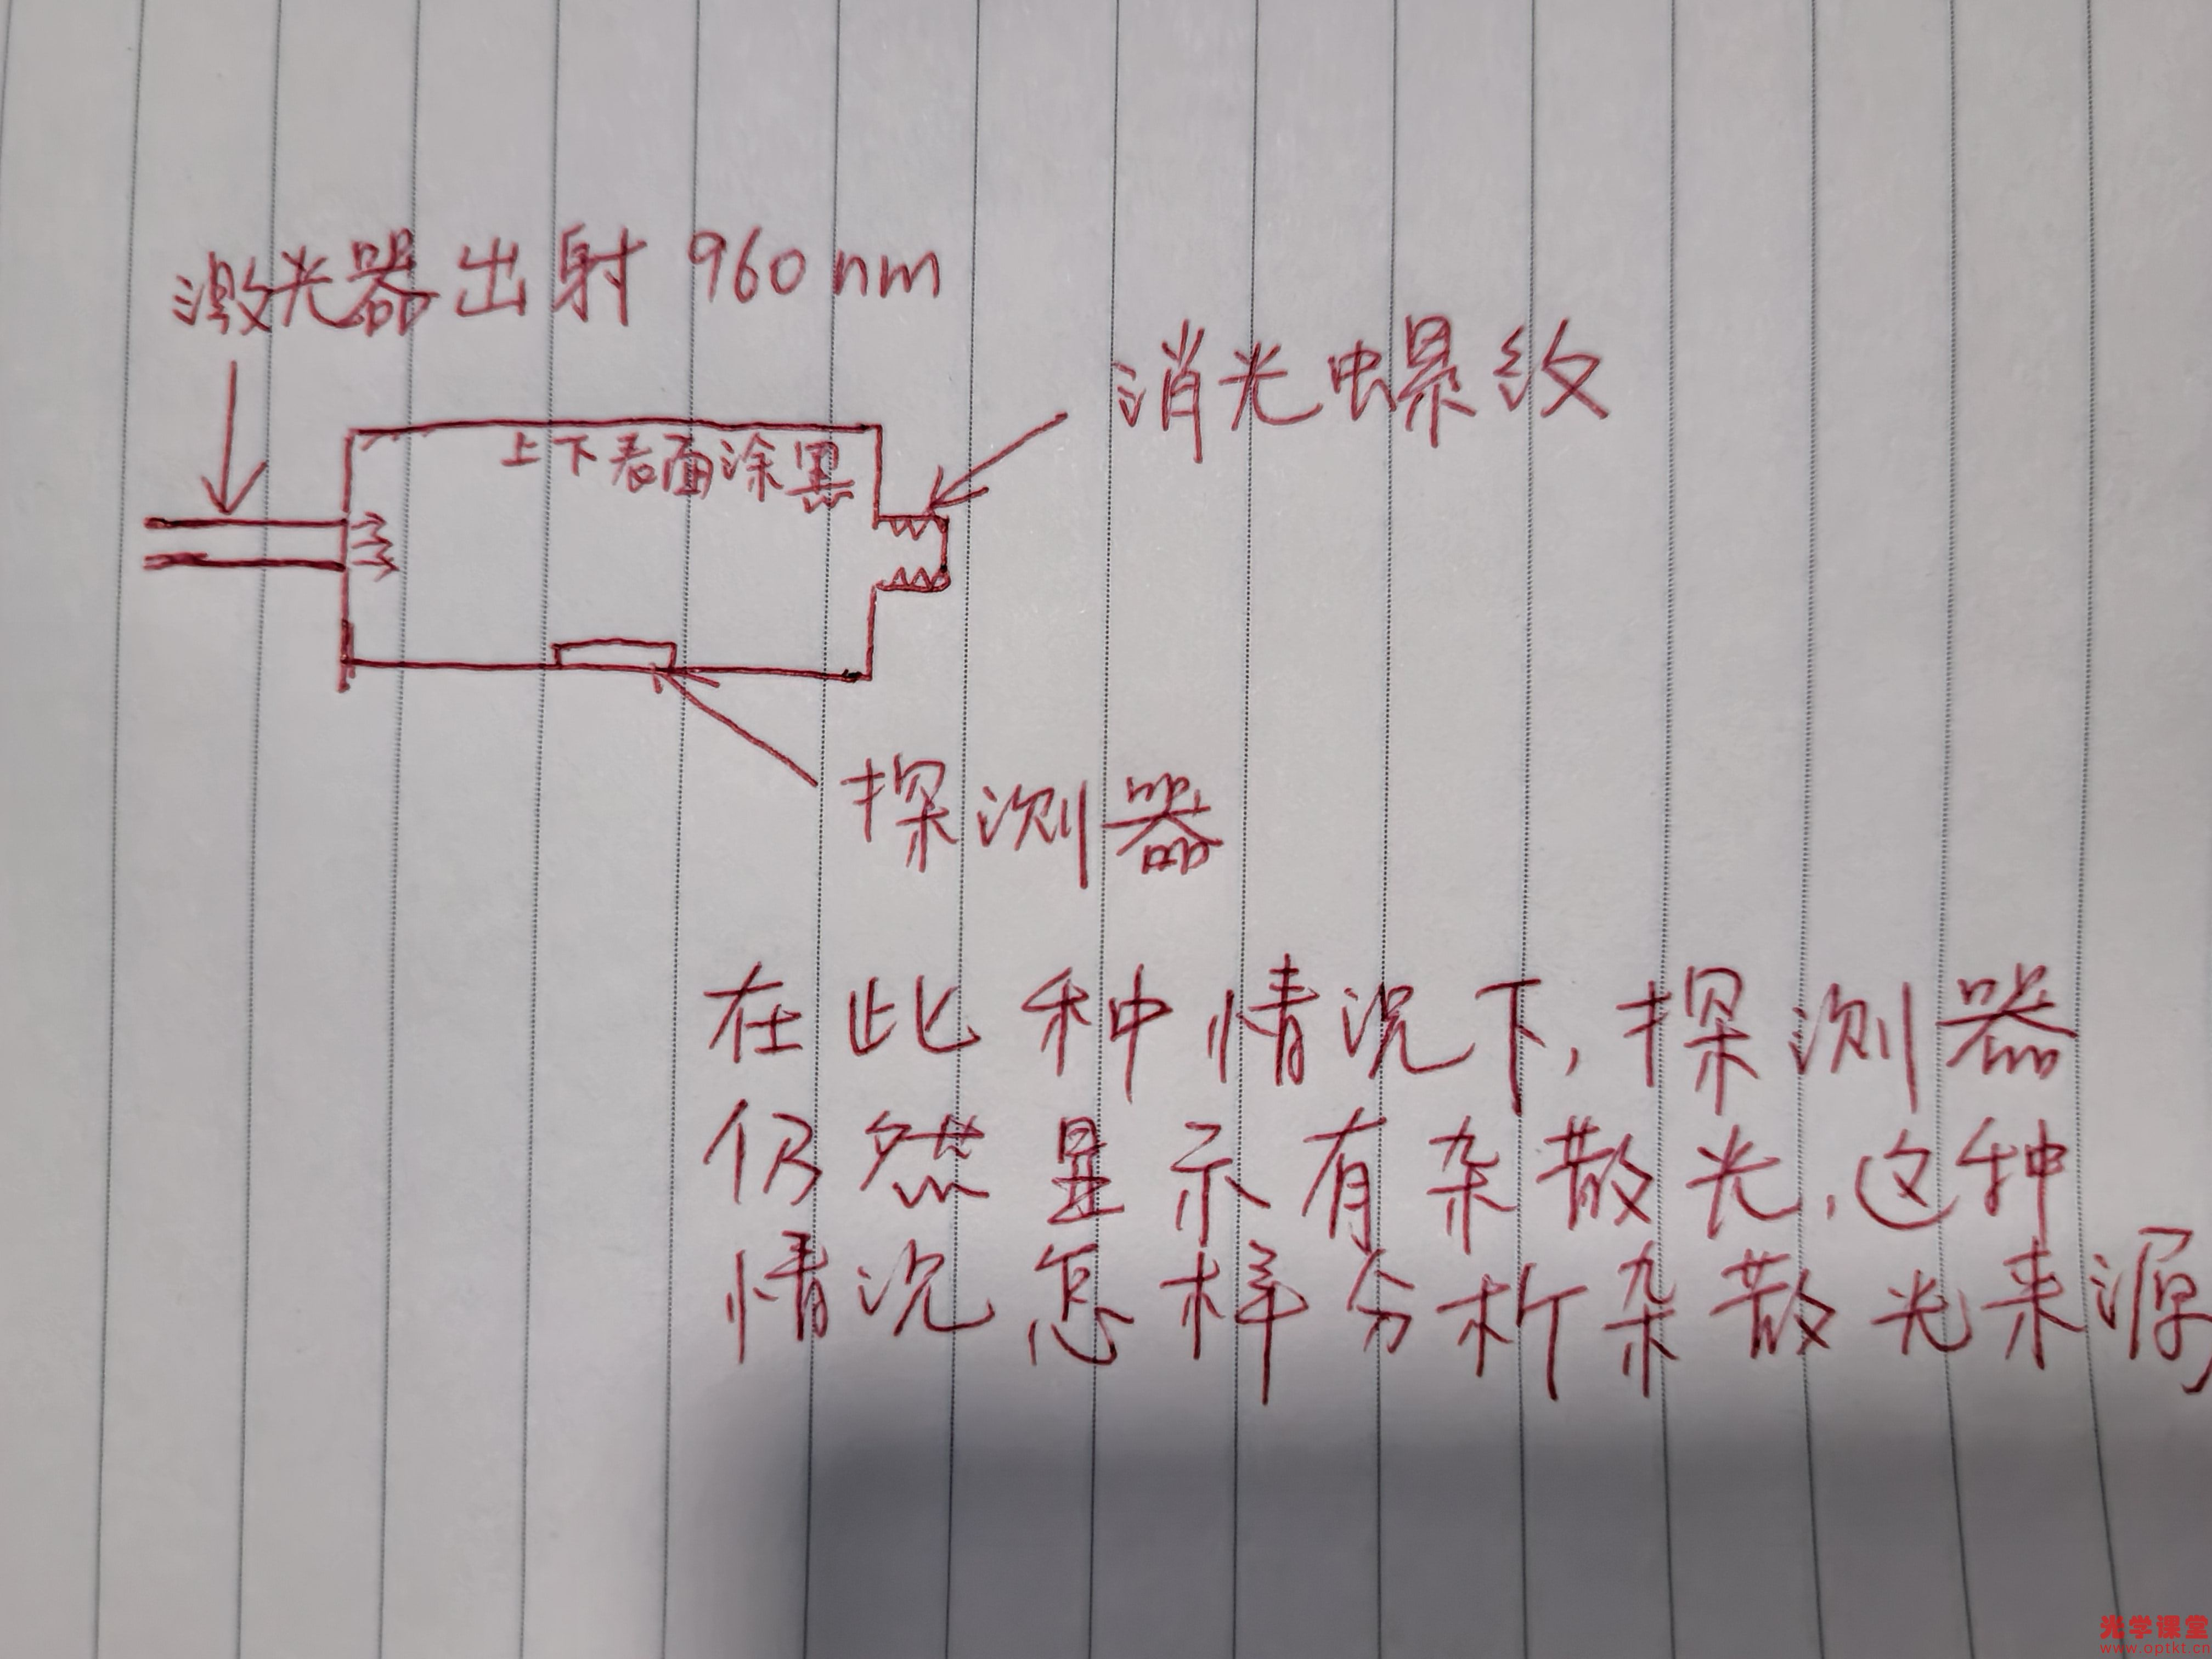 杂散光分析.jpg